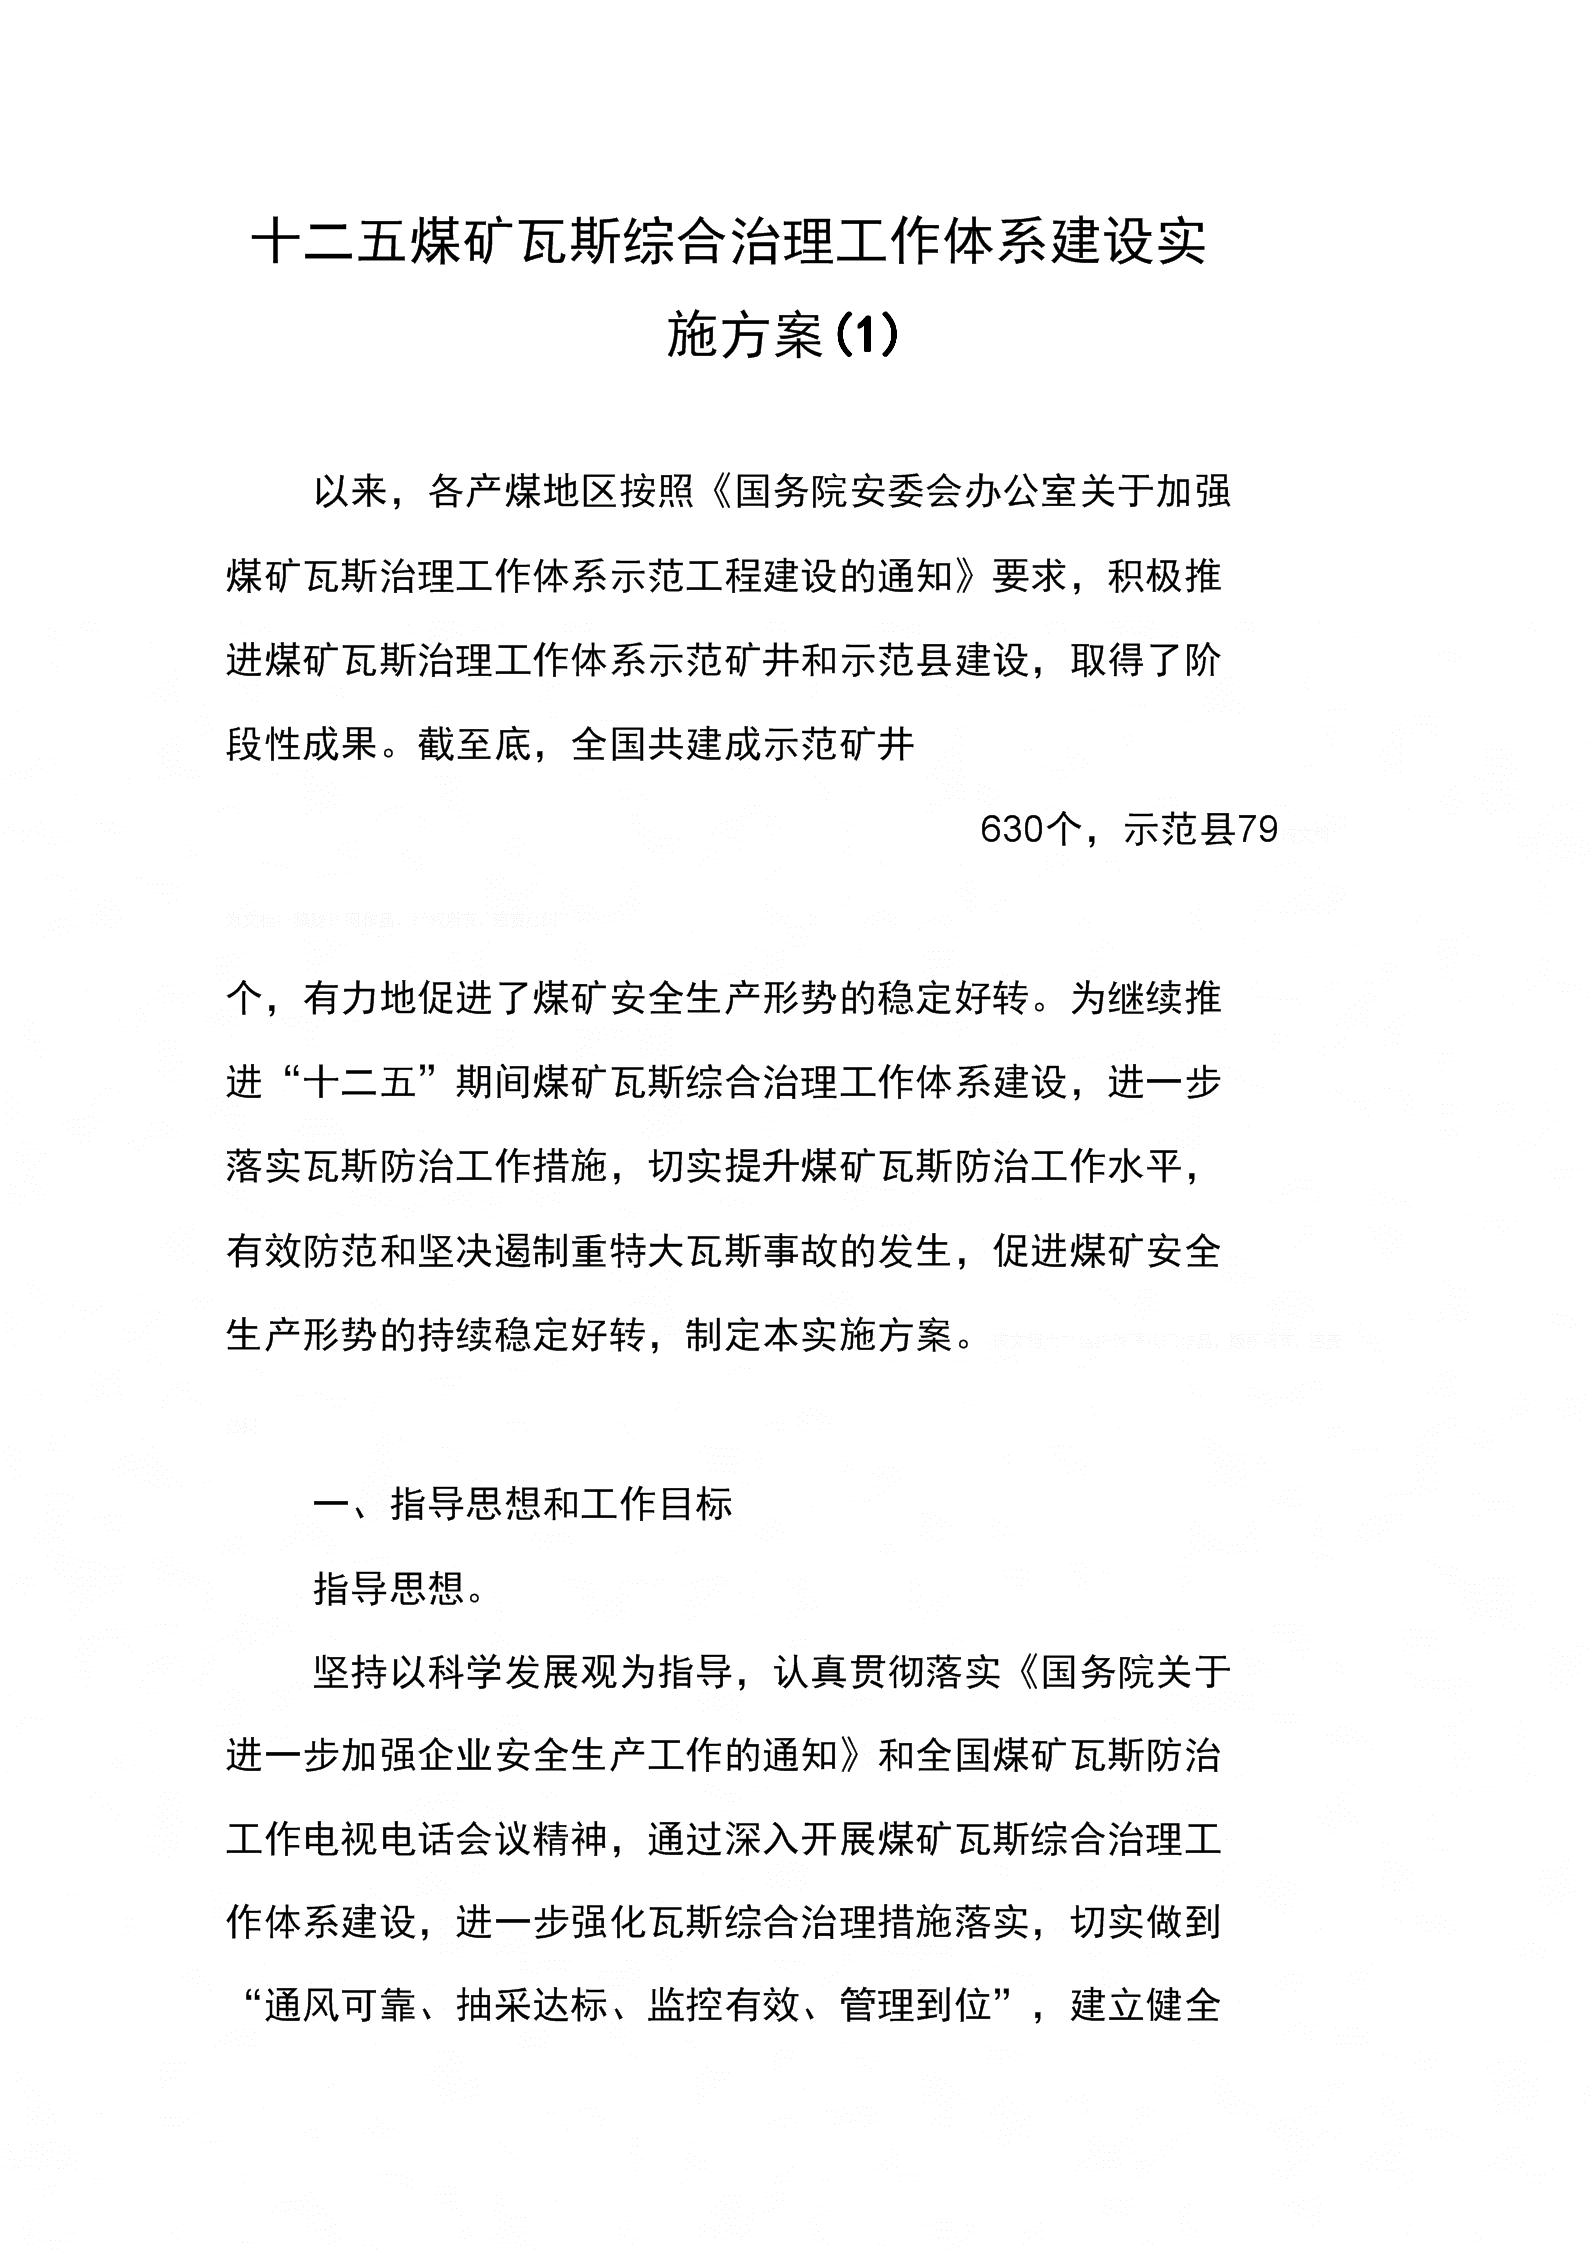 十二五煤矿瓦斯综合治理工作体系建设实施方案(1).docx